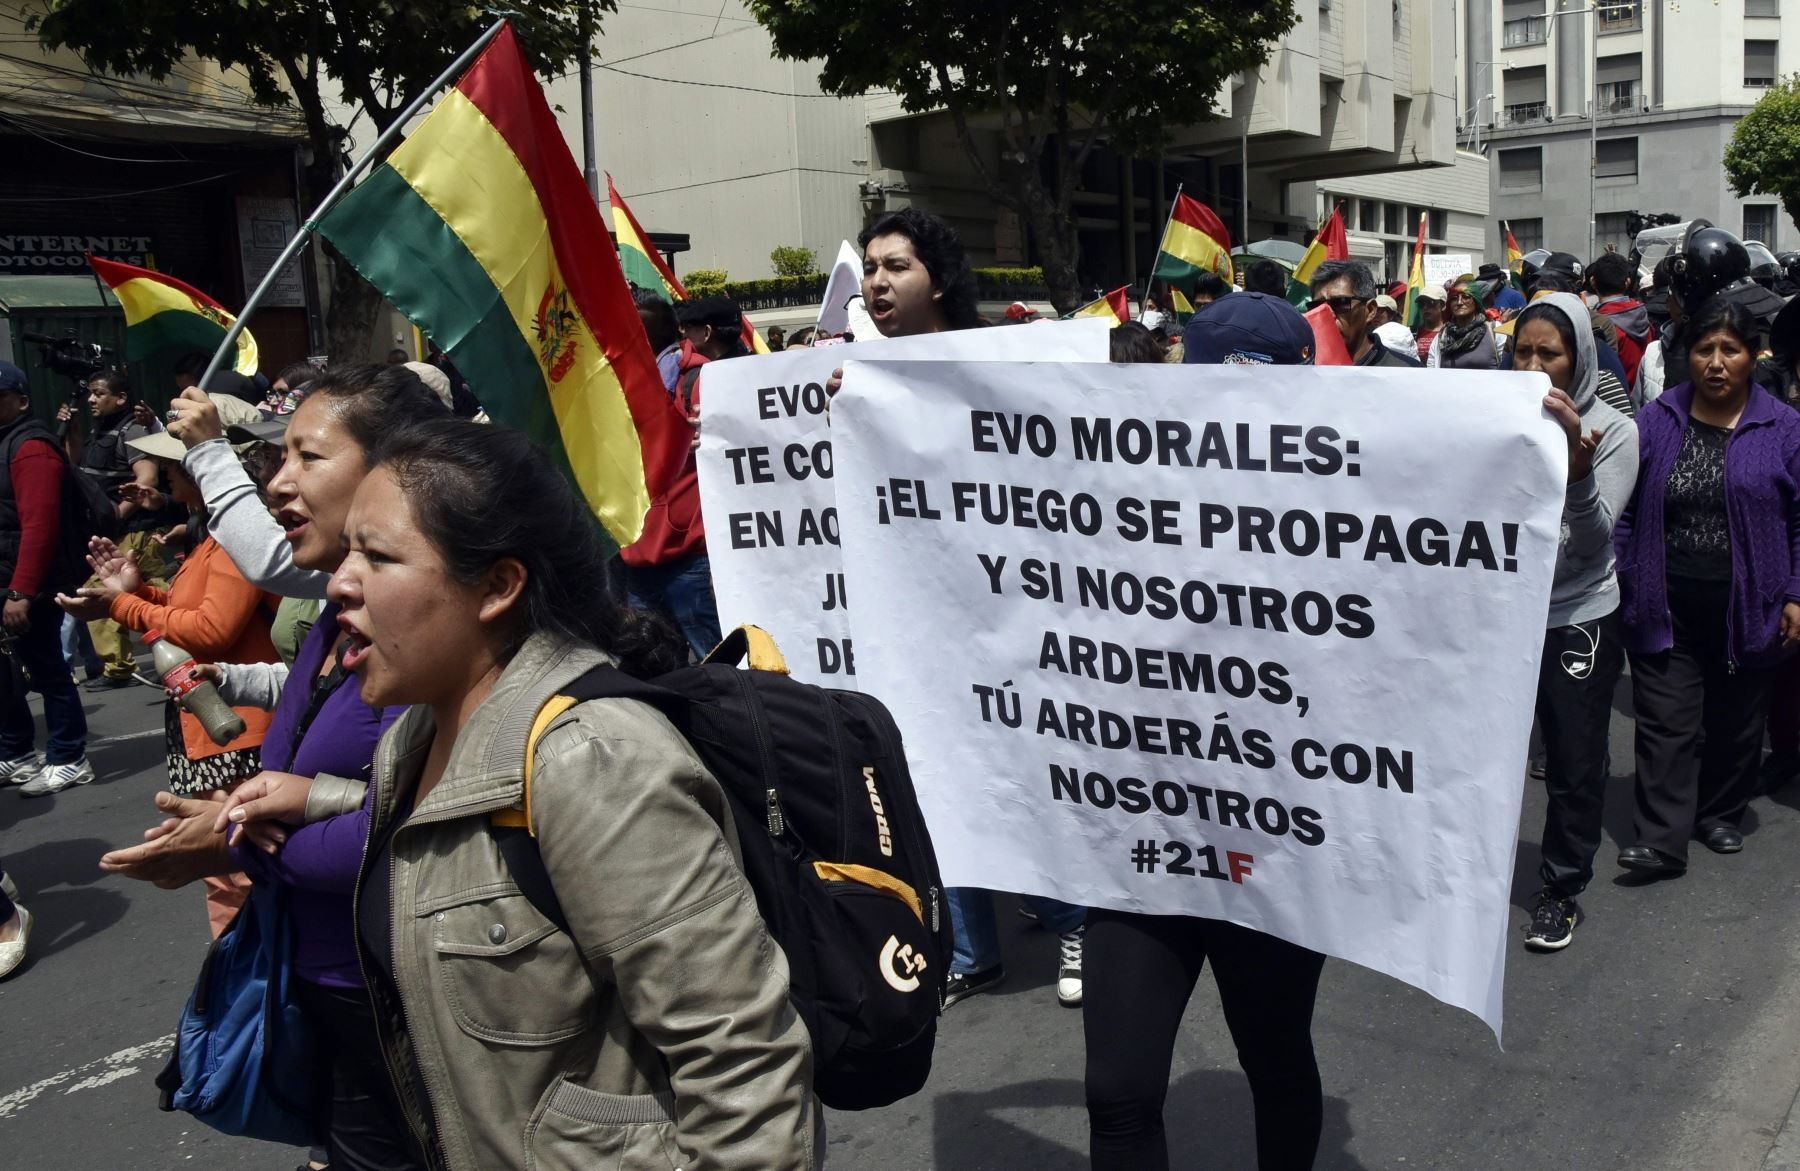 Gente protesta contra la reelección del presidente boliviano Evo Morales Foto: AFP